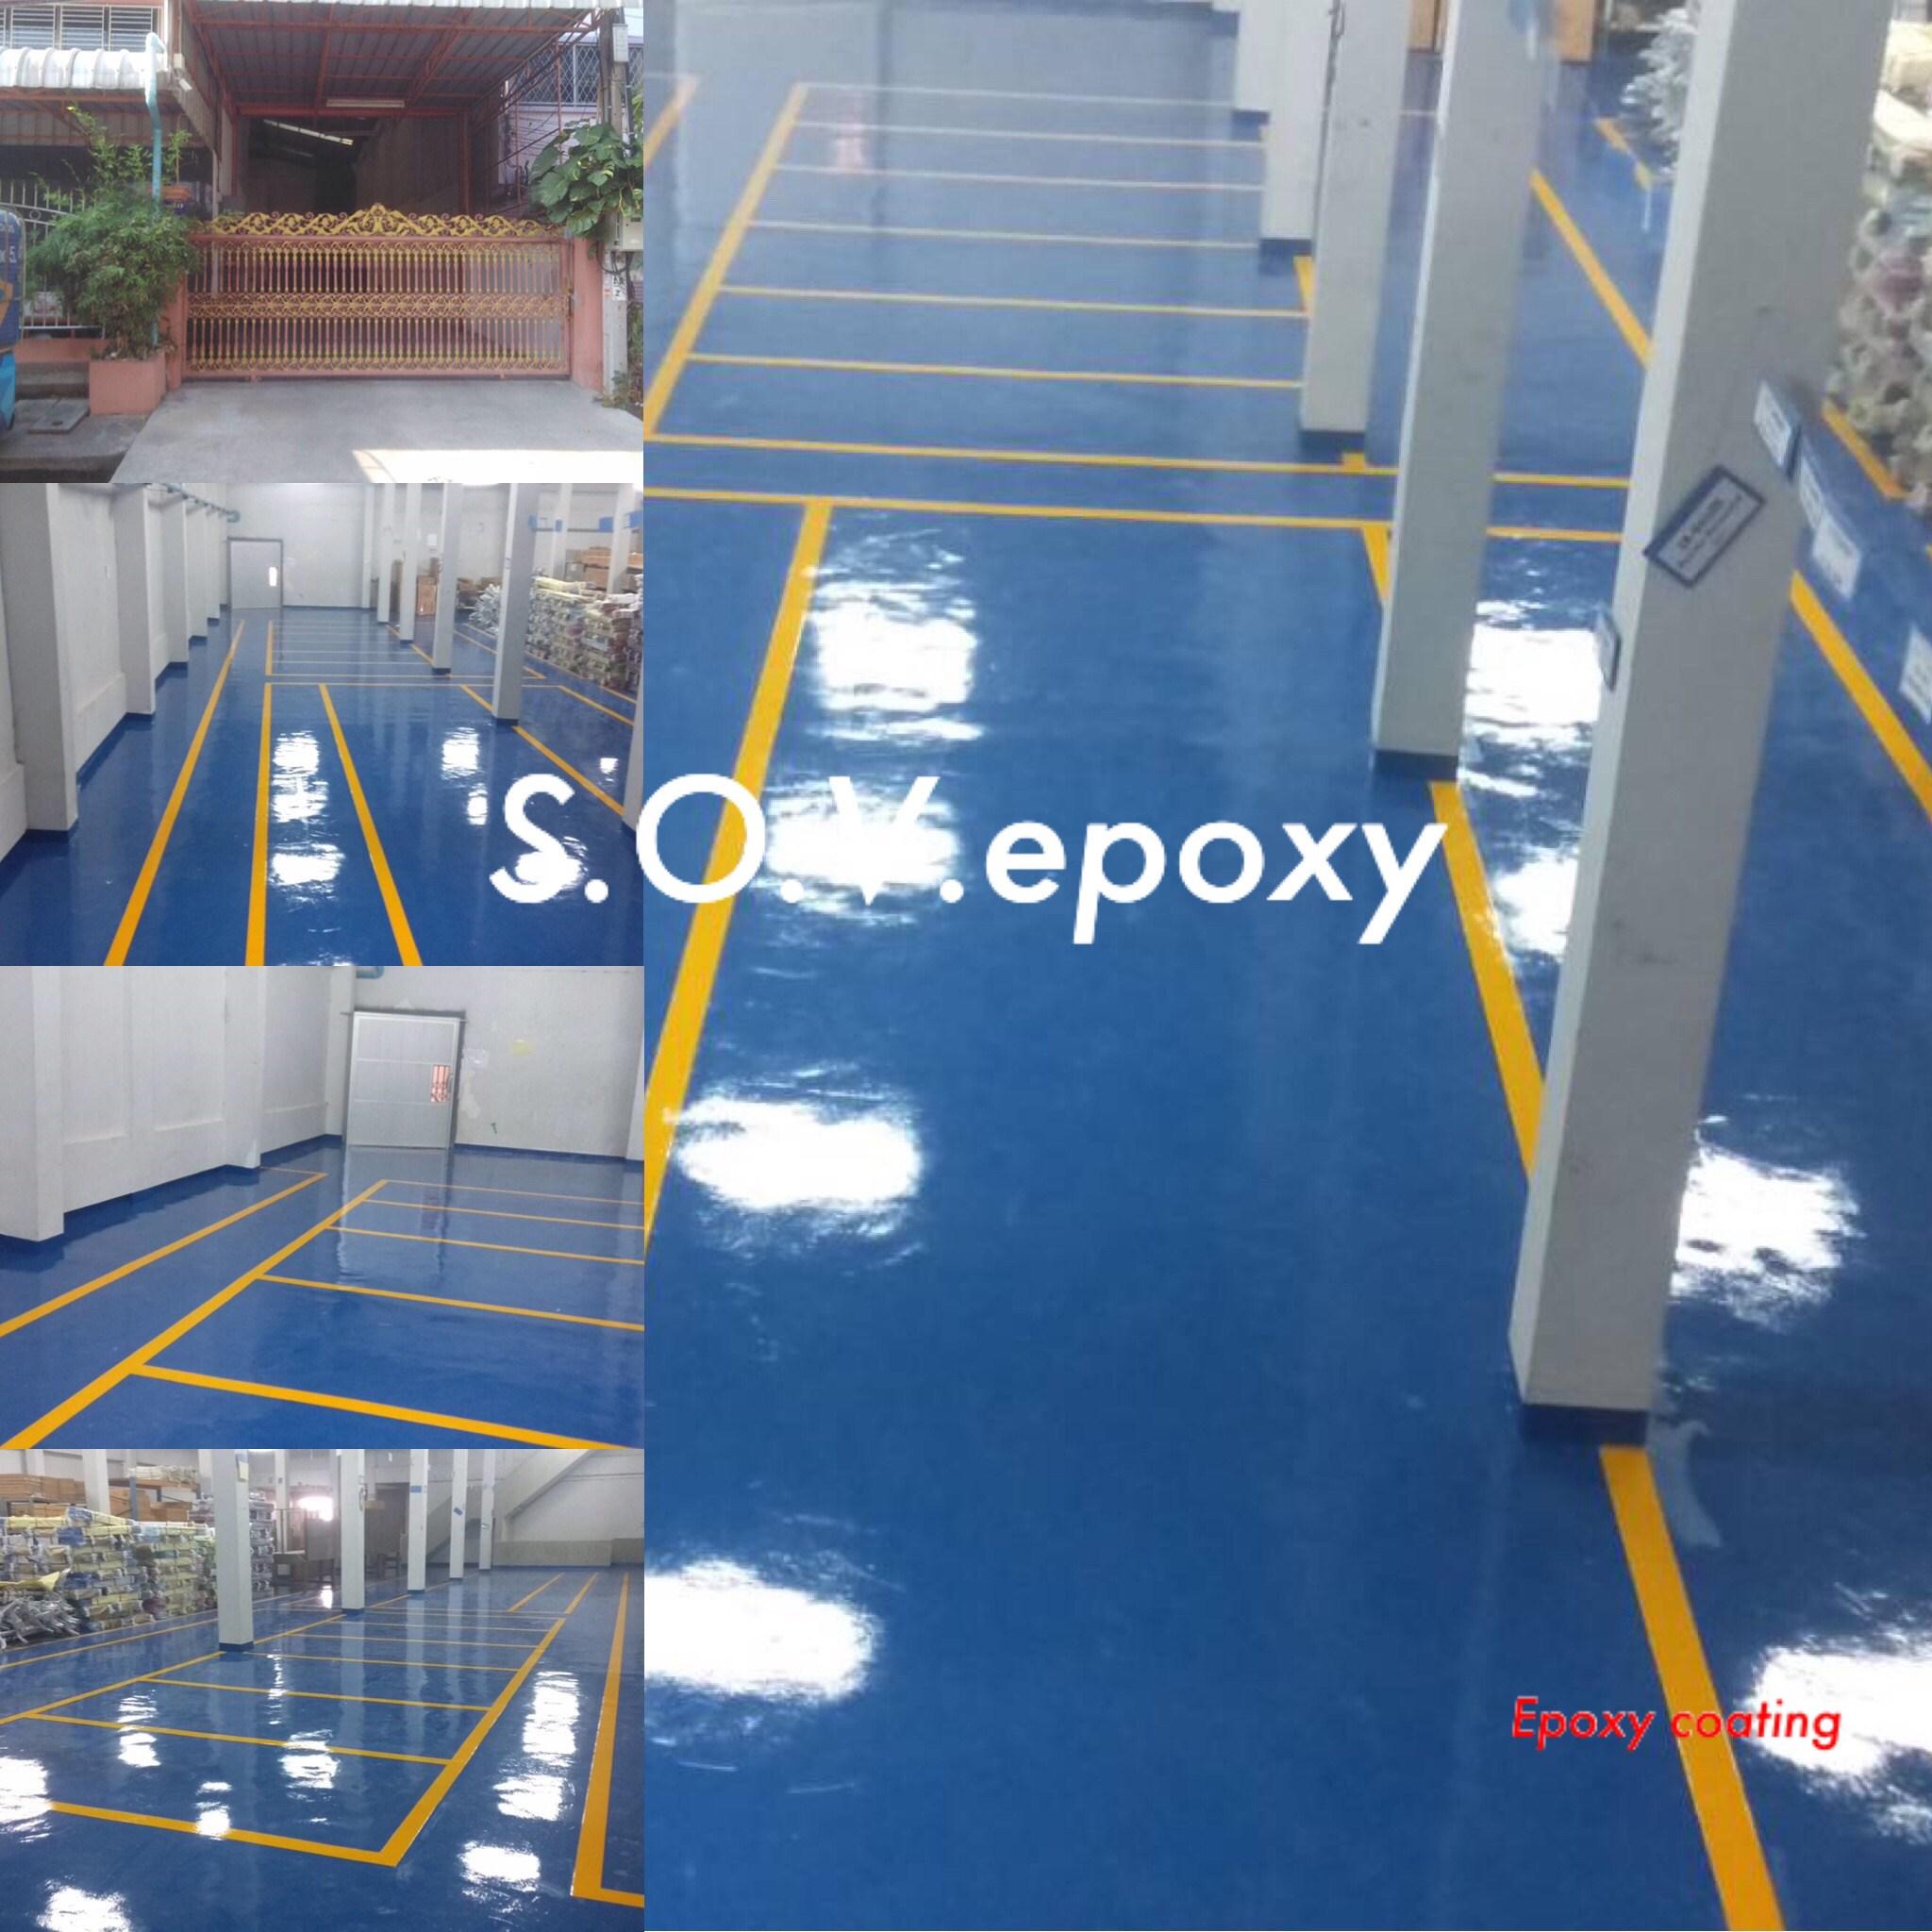 Epoxy Coating เอ็น.เค.เฟอร์นิคลาส เฟส 2